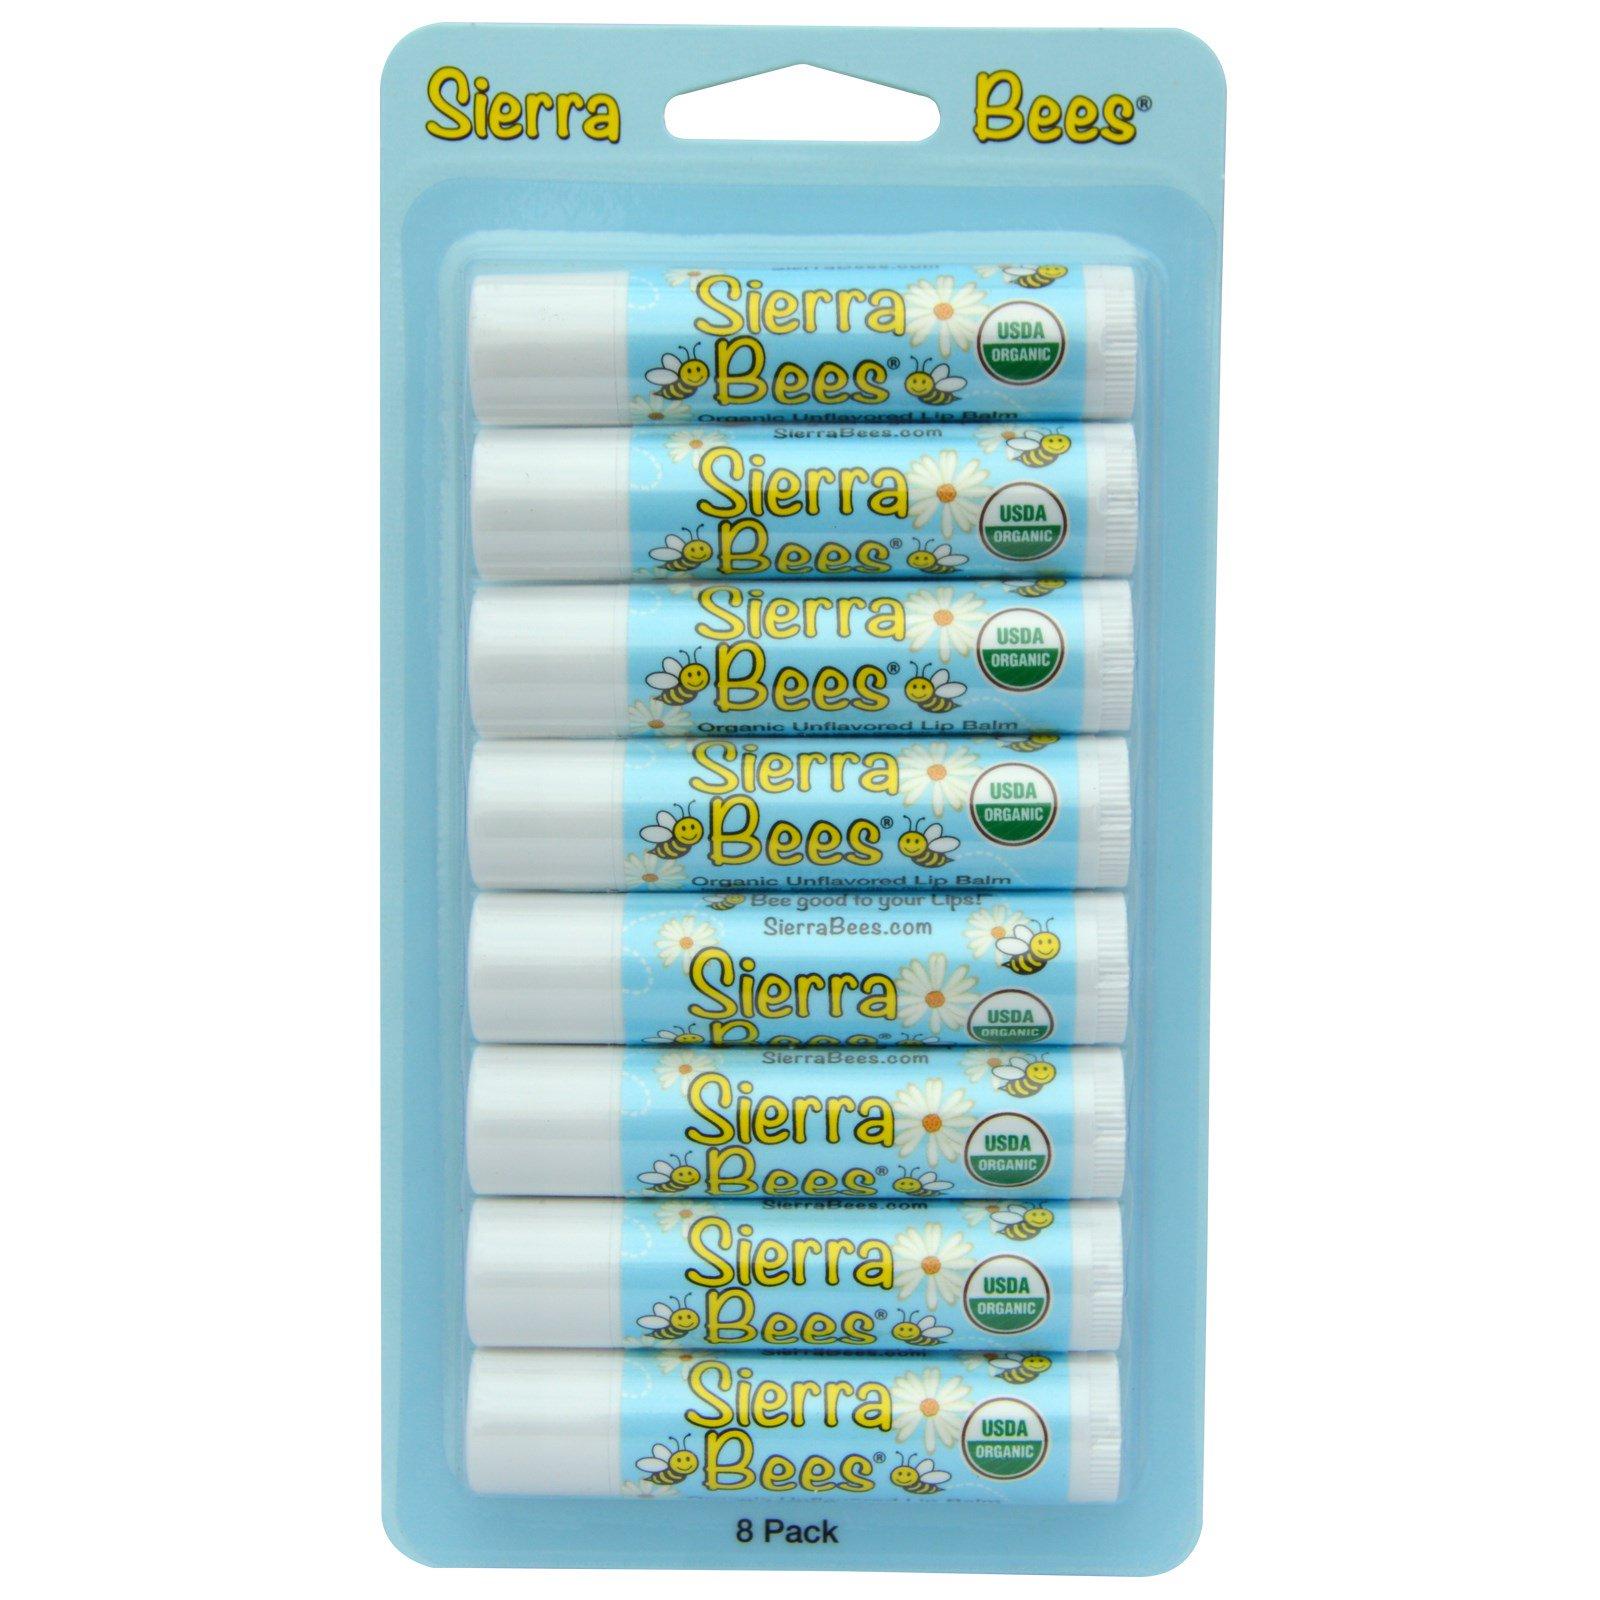 Sierra Bees, Органические бальзамы для губ, без ароматизаторов, 8 штук, каждый по 0,15 унции (4,25 г)